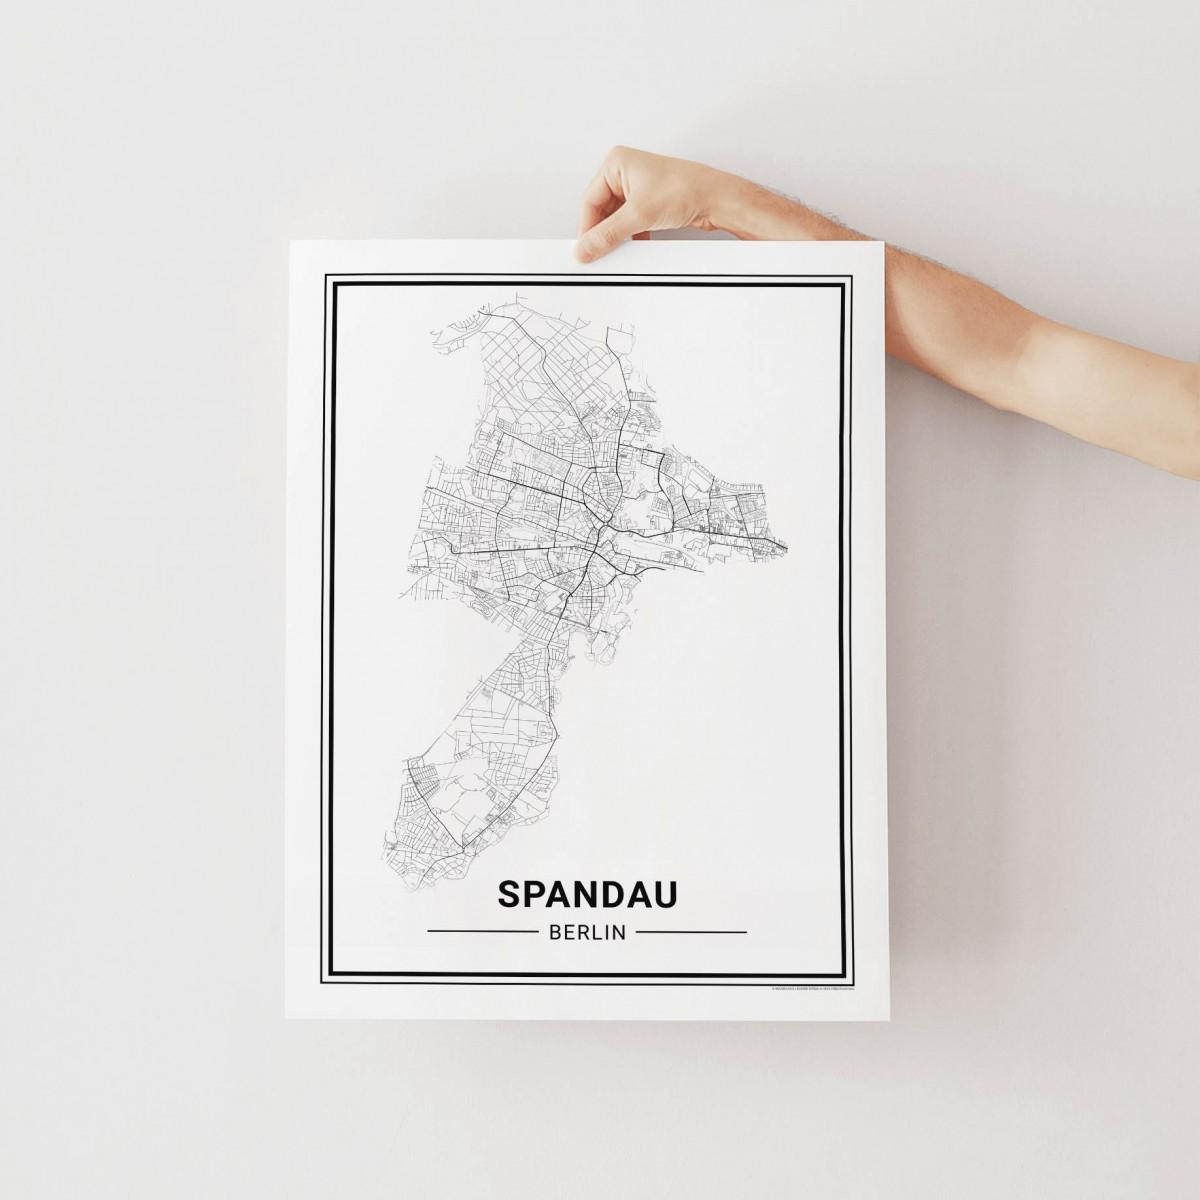 BERLIN Spandau Poster Stadtplan von Skanemarie